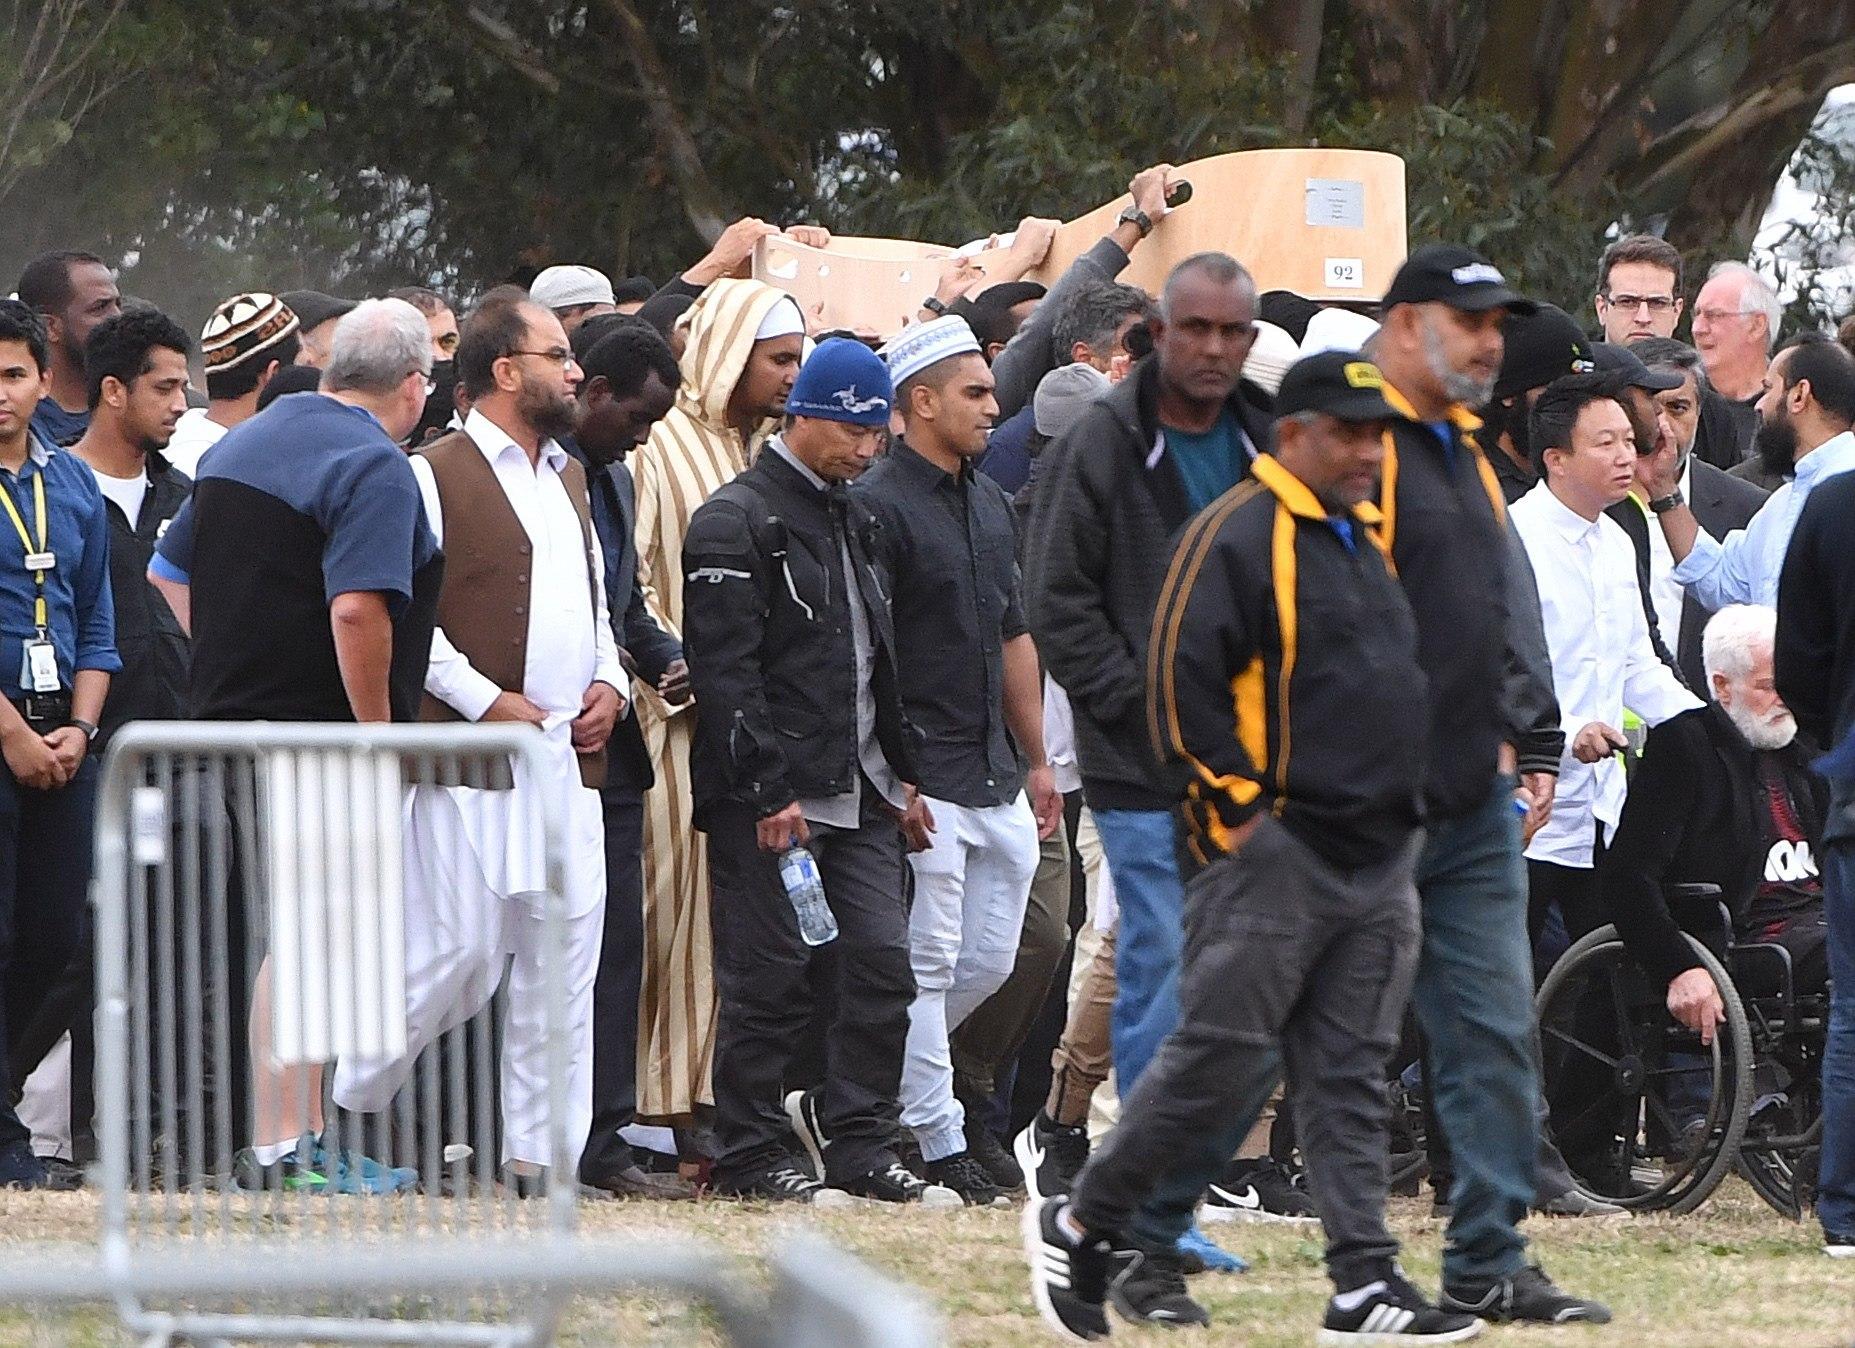 NZ01. CHRISTCHURCH (NUEVA ZELANDA), 21/03/2019.- Dolientes cargan el féretro de Sayyad Ahmed Milne, de 14 años, una de las 50 víctimas de los tiroteos en dos mezquitas el pasado viernes, rumbo a su entierro este jueves en el cementerio Memorial Park, en Christchurch (Nueva Zelanda). Nueva Zelanda comenzó a enterrar a las primeras víctimas del atentado supremacista que causó 50 muertos en dos mezquitas en Christchurch y se prepara para arropar a la comunidad musulmana este viernes, cuando se cumple una semana de la tragedia. El rezo del viernes se producirá bajo fuerte vigilancia policial tras los ataques armados contra las mezquitas Al Noor y Linwood atribuidos al australiano Brenton Tarrant, quien disparó a quemarropa contra los musulmanes que estaban en su interior para la Yumu'ah, matando a 50 personas e hiriendo además a otras 50. EFE/Mick Tsikas PROHIBIDO SU USO EN AUSTRALIA Y NUEVA ZELANDA